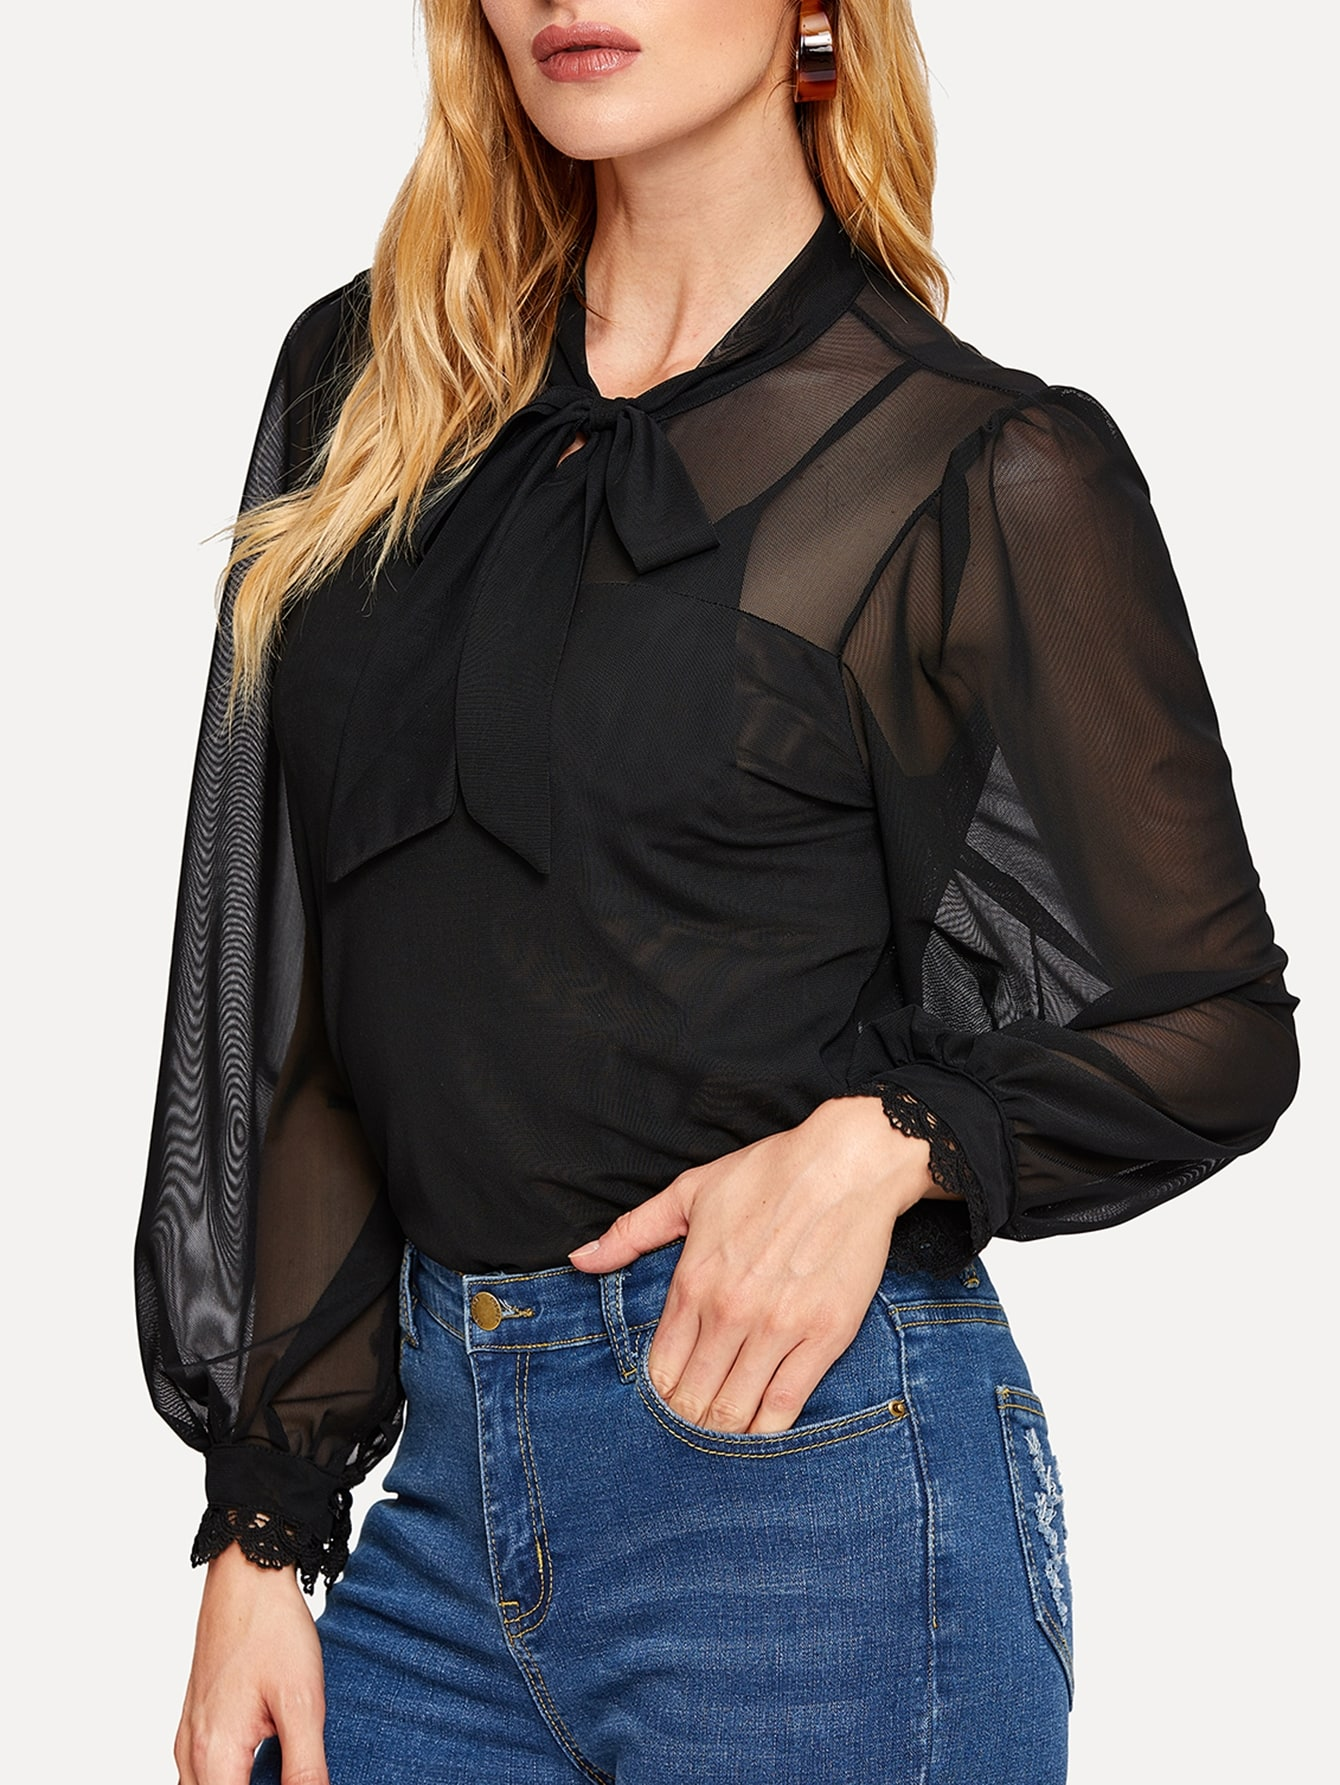 Купить Прозрачная сетчатая блуза с завязкой на шее, Masha, SheIn